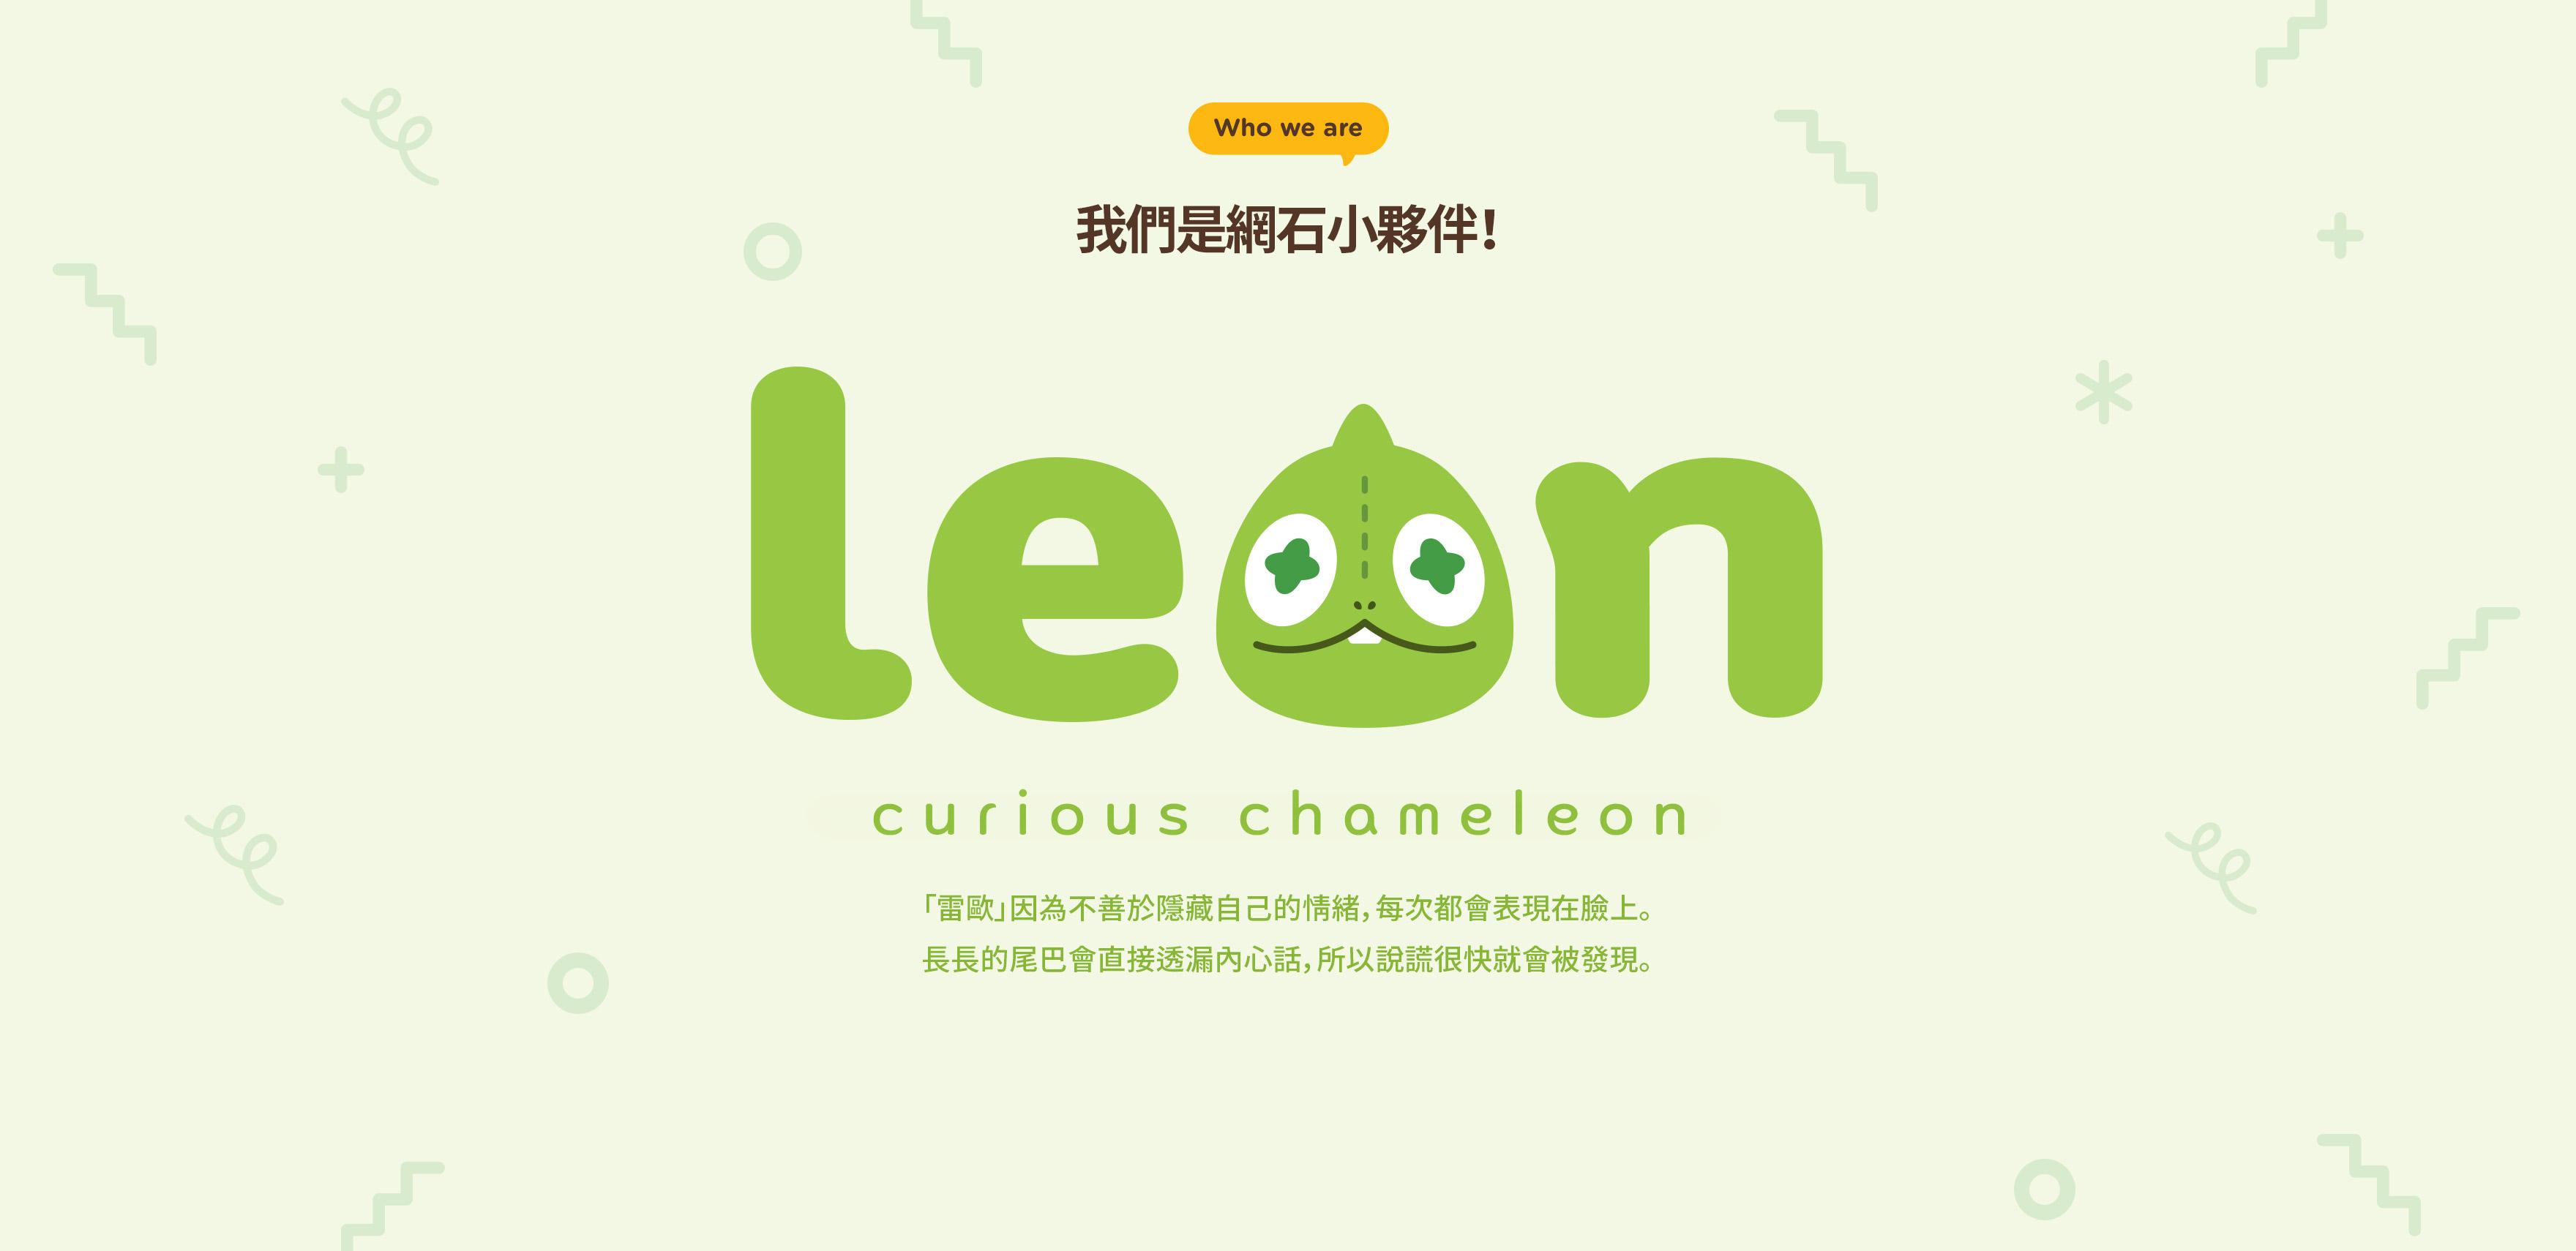 LEON. CURIOUS CHAMELEON.